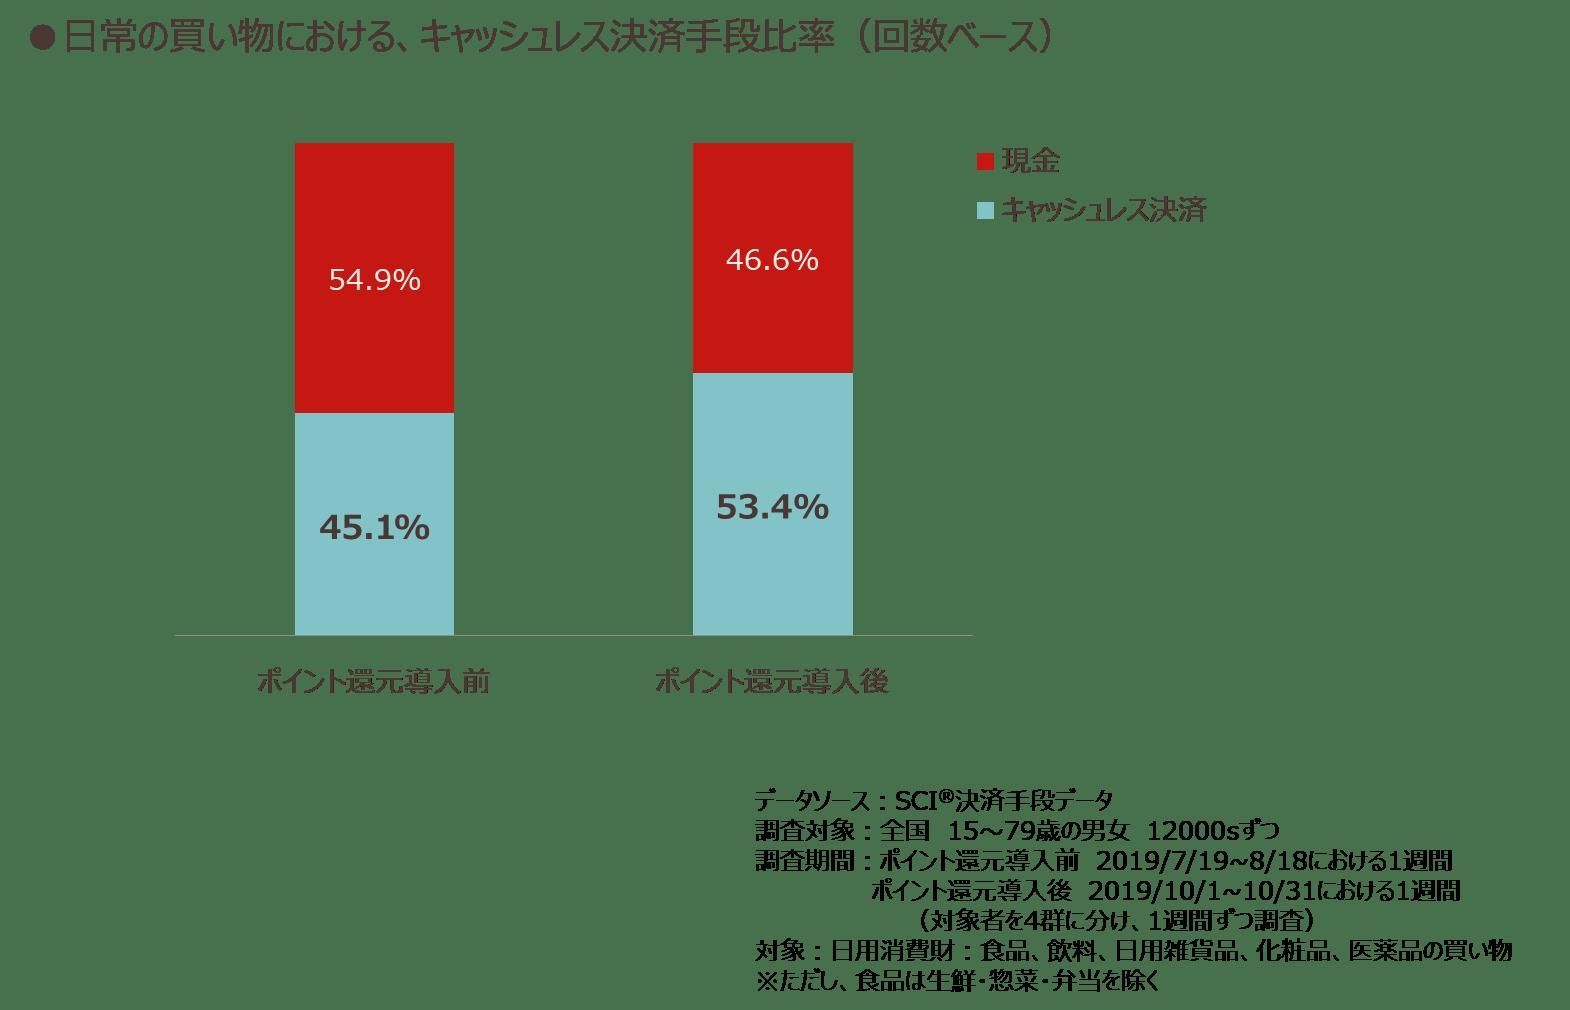 日常の買い物における、キャッシュレス決済手段比率(回数ベース)